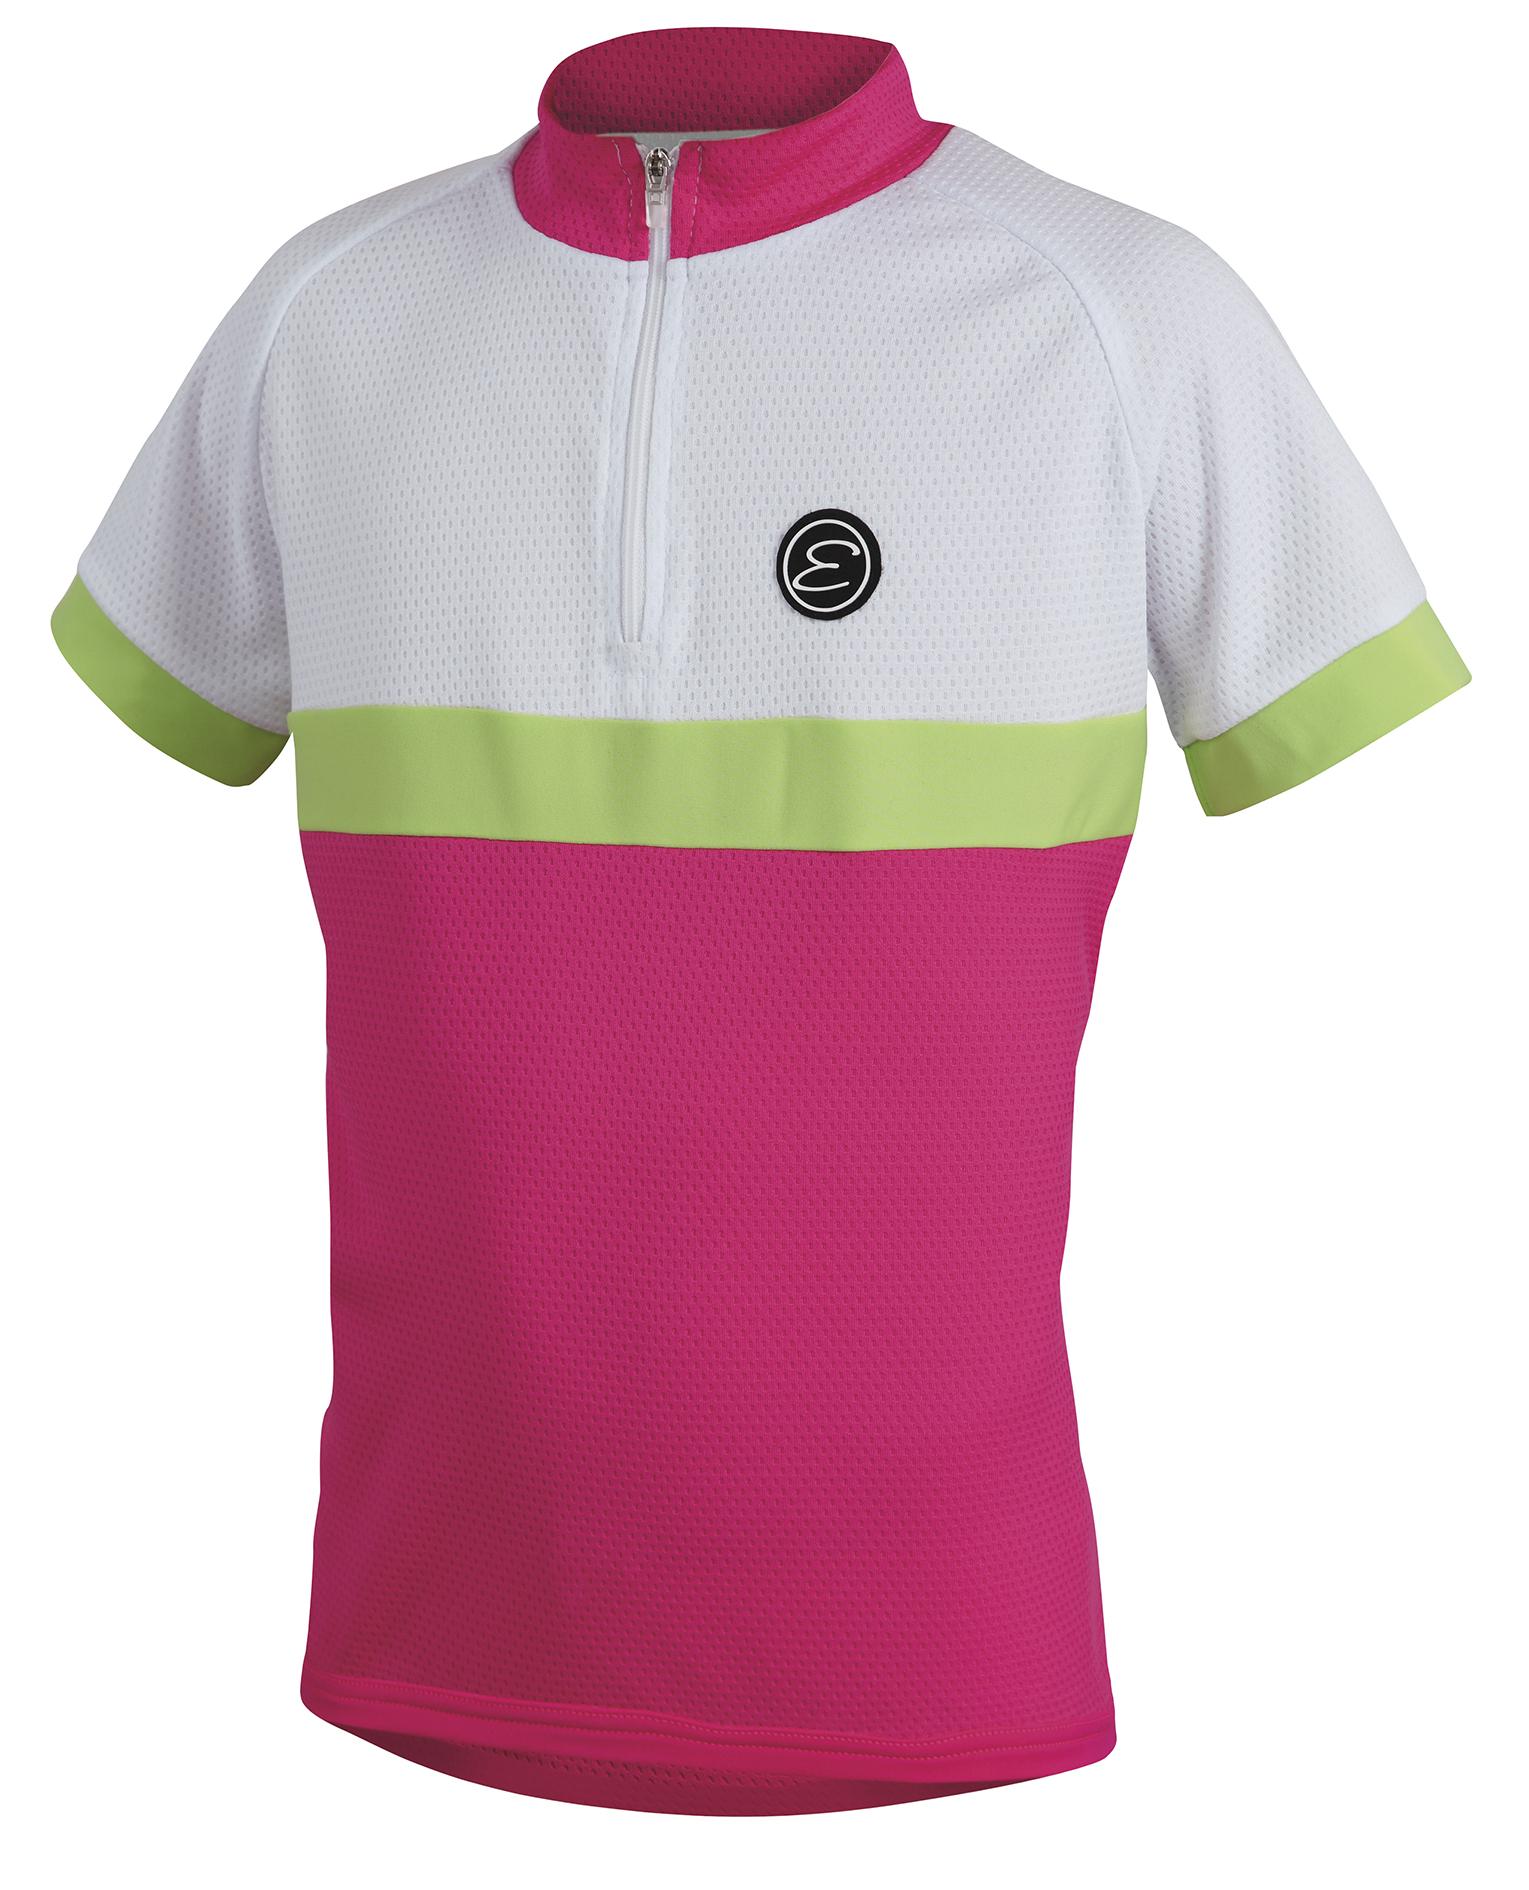 Dětský cyklistický dres ETAPE Bambino, 128/134, růžová/bílá, model 2017 (Dětský dres Etape, přední zip)